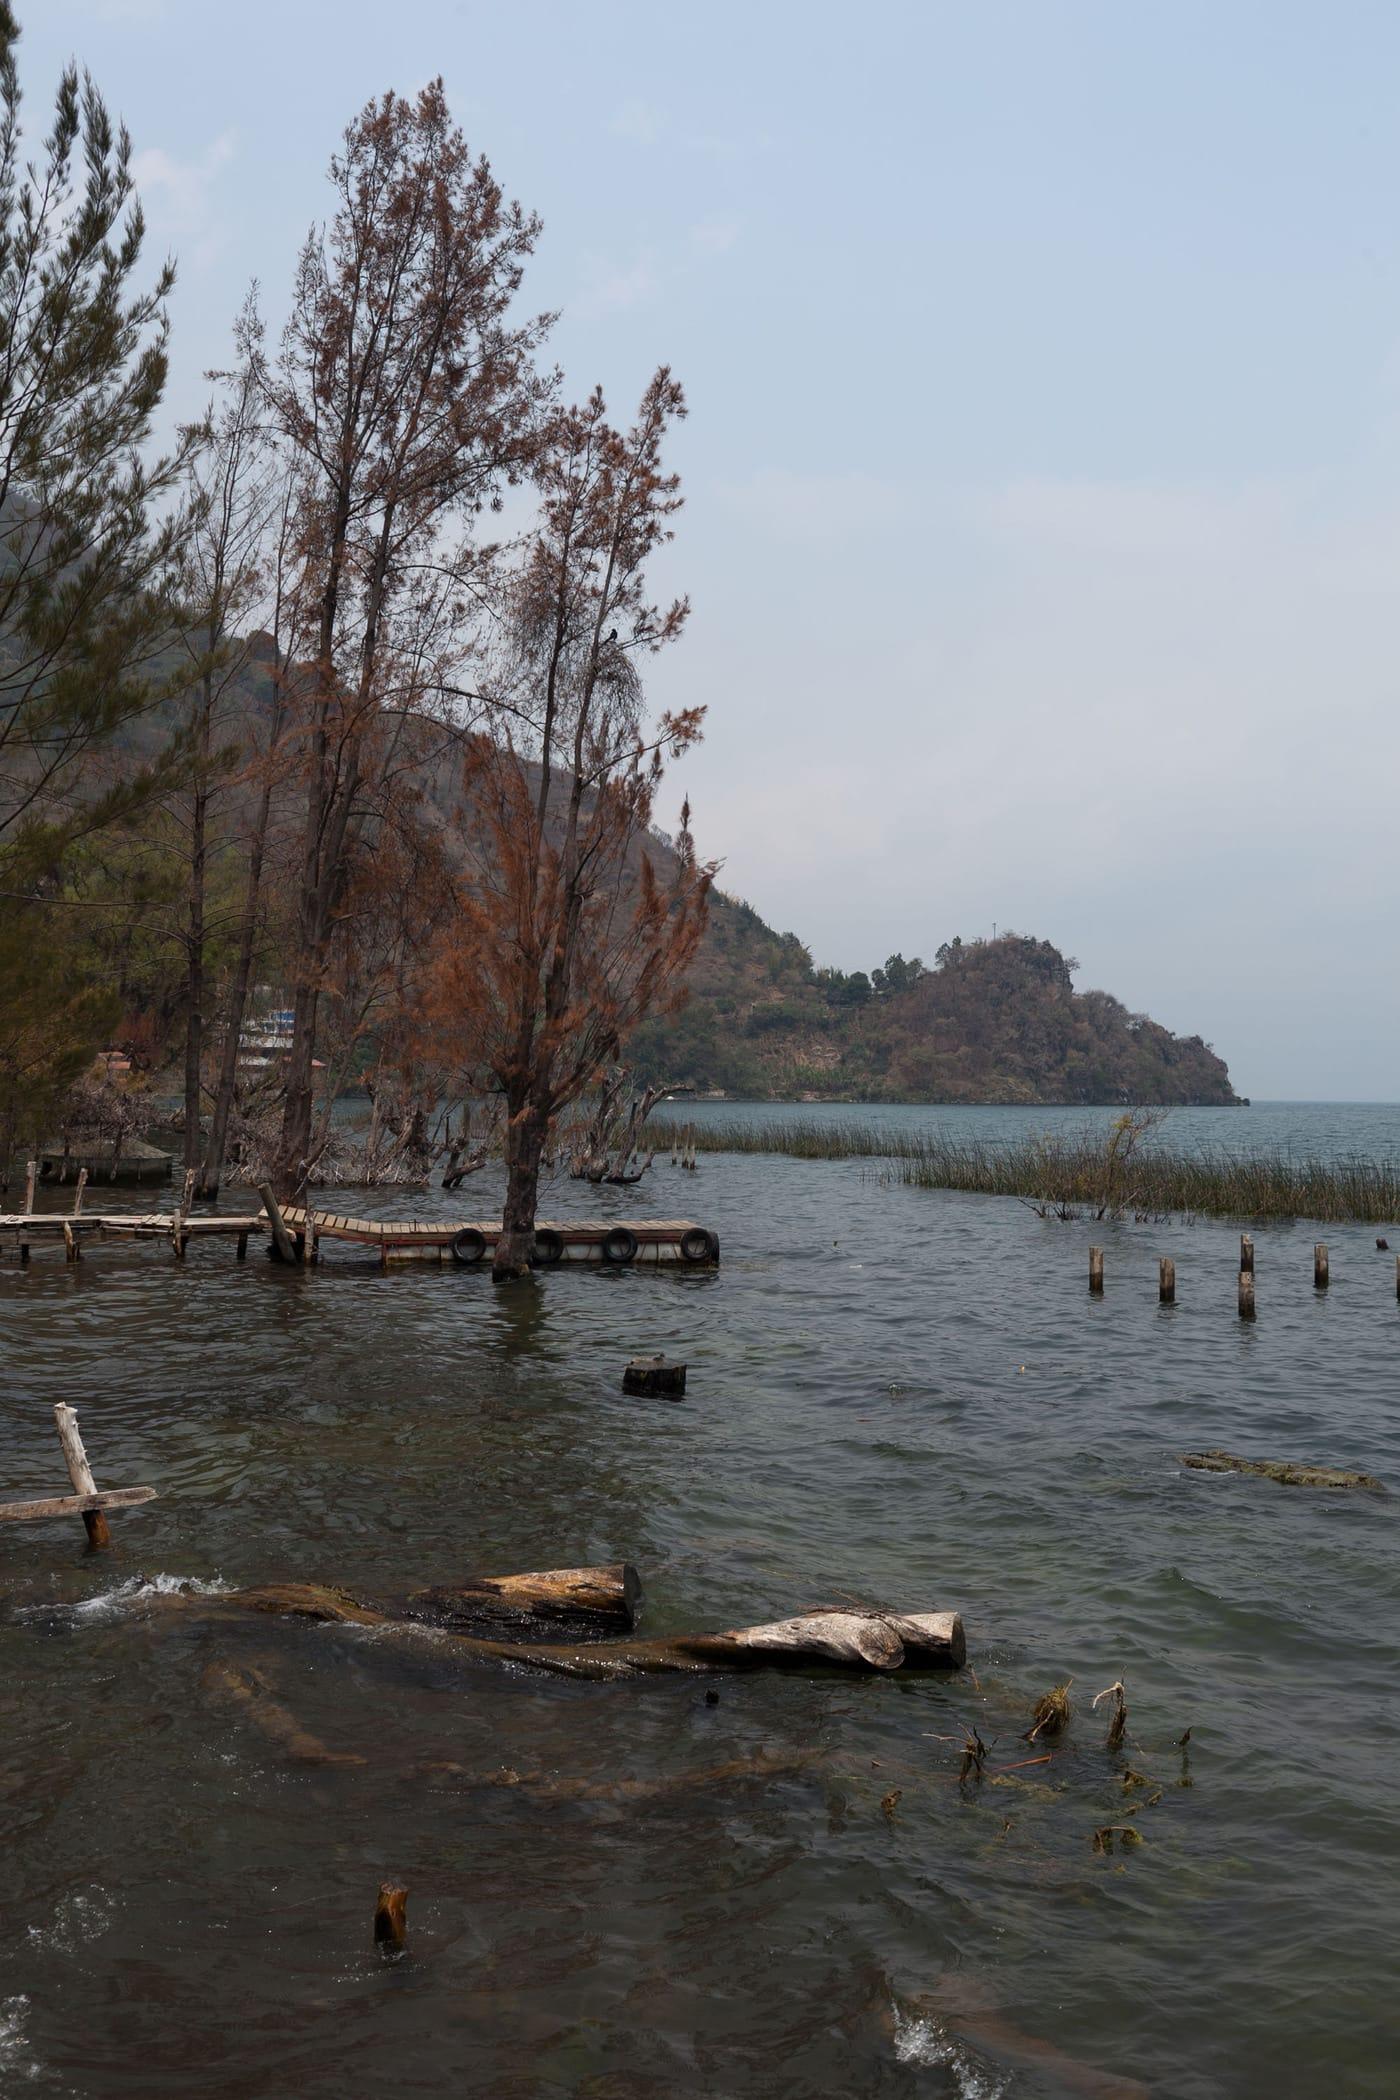 San Marcos on Lake Atitlan in Guatemala